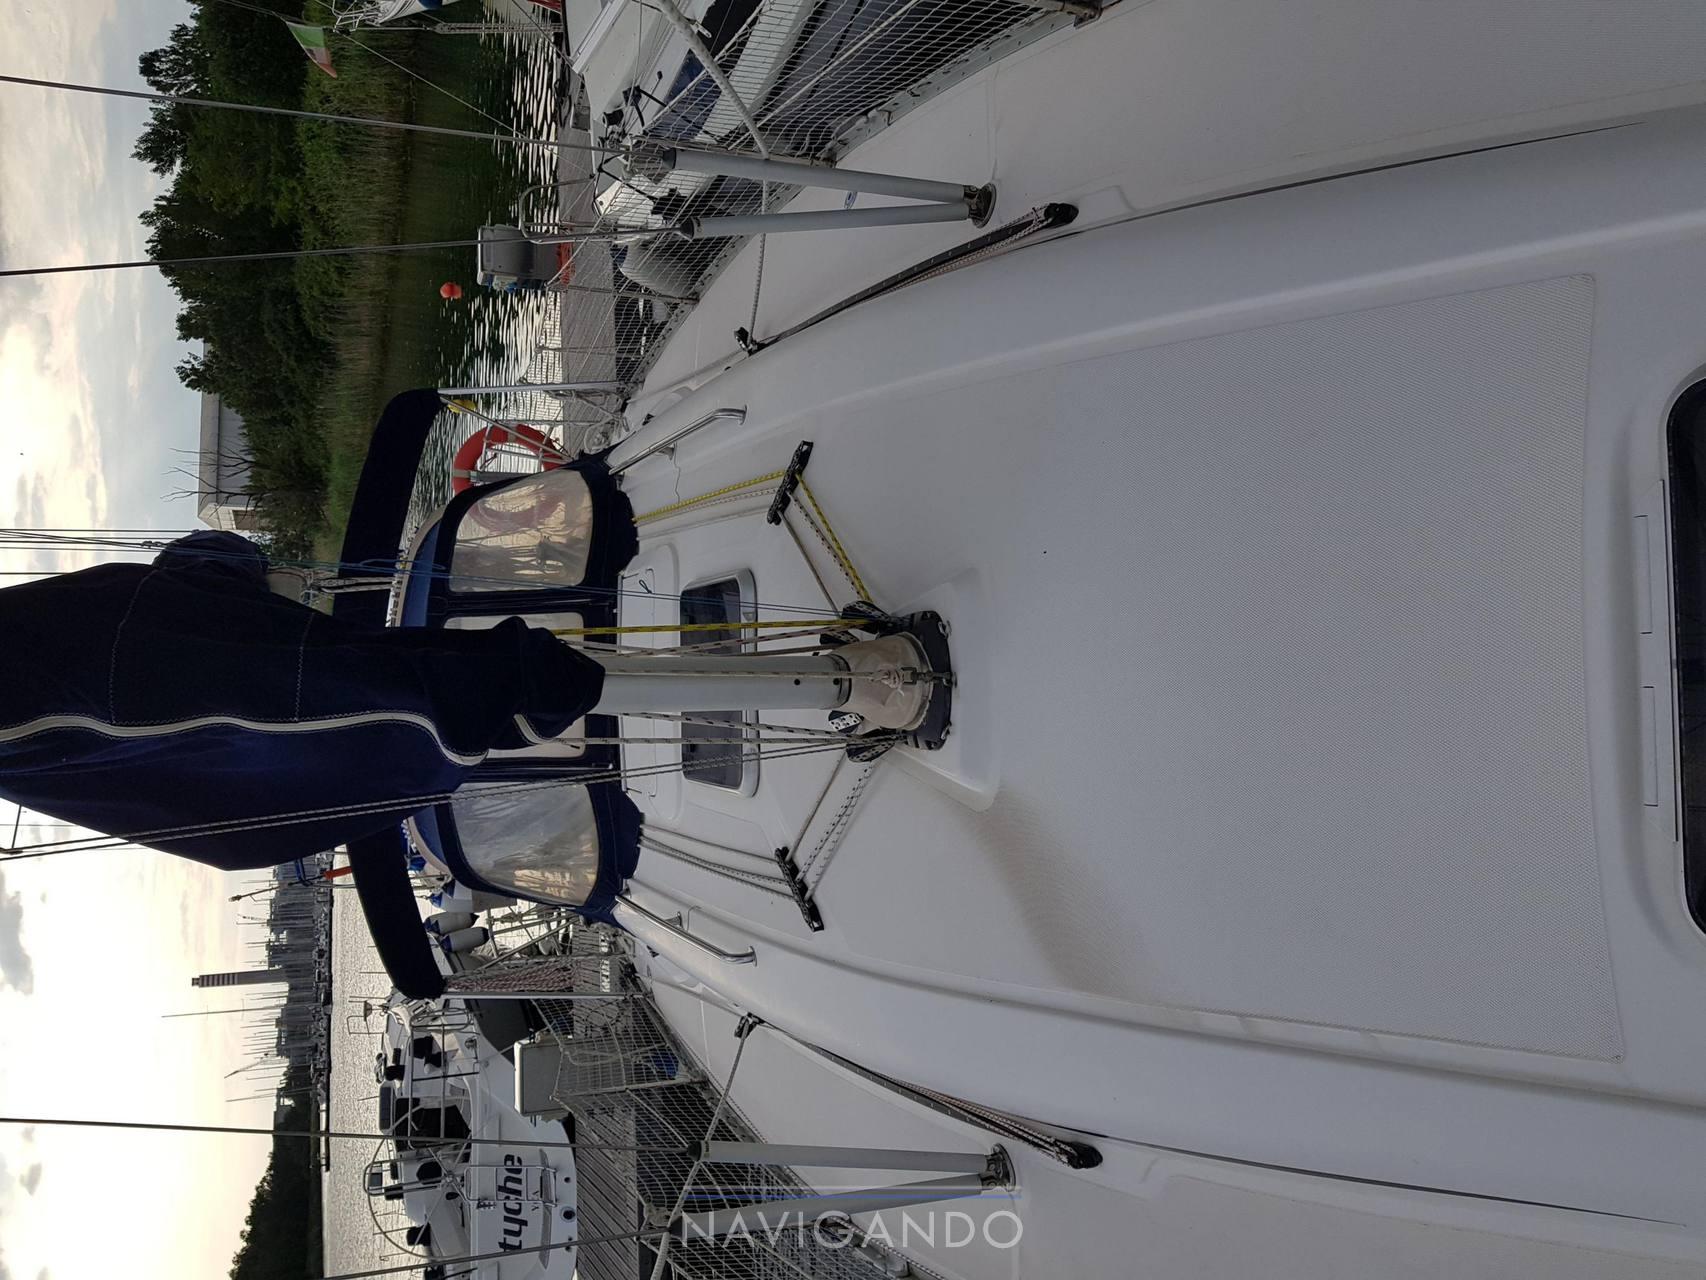 Elan 333 sailing boat